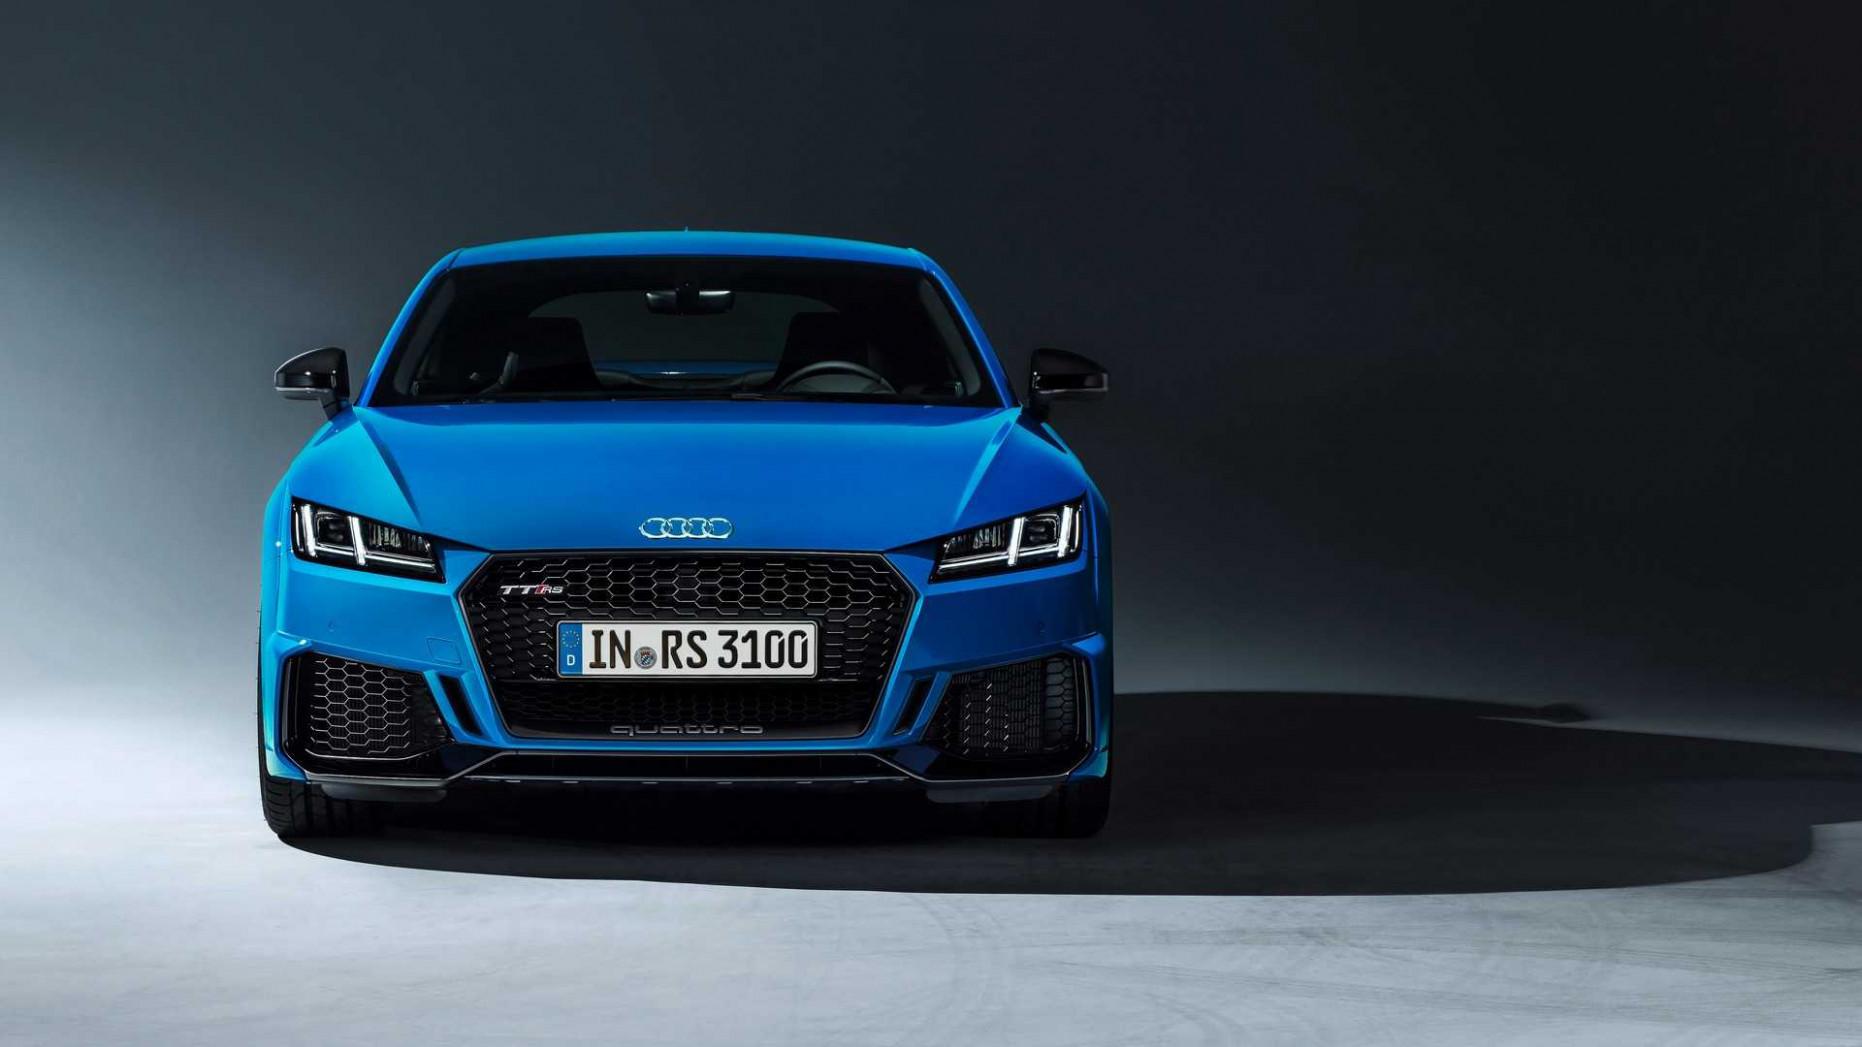 New Concept 2022 Audi Tt Rs